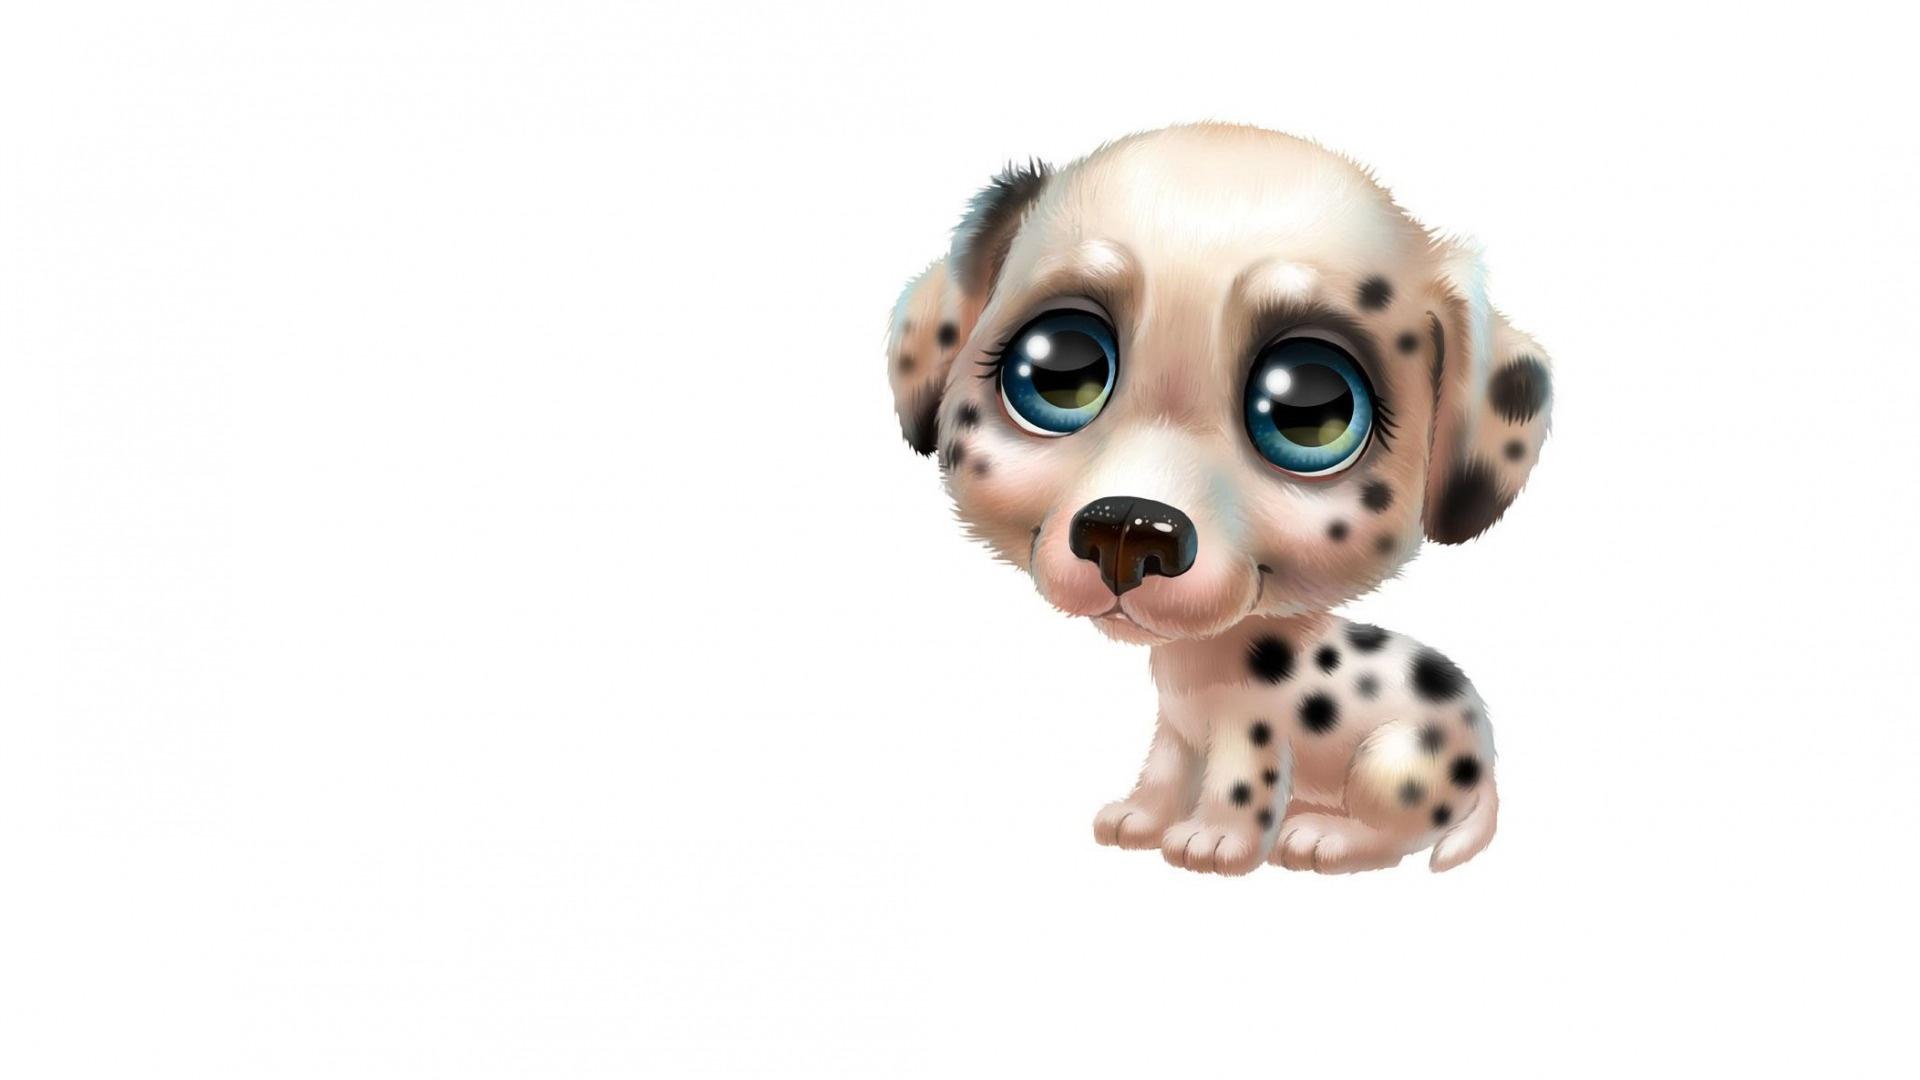 Animal With Big Eyes Art 1080p wallpaper